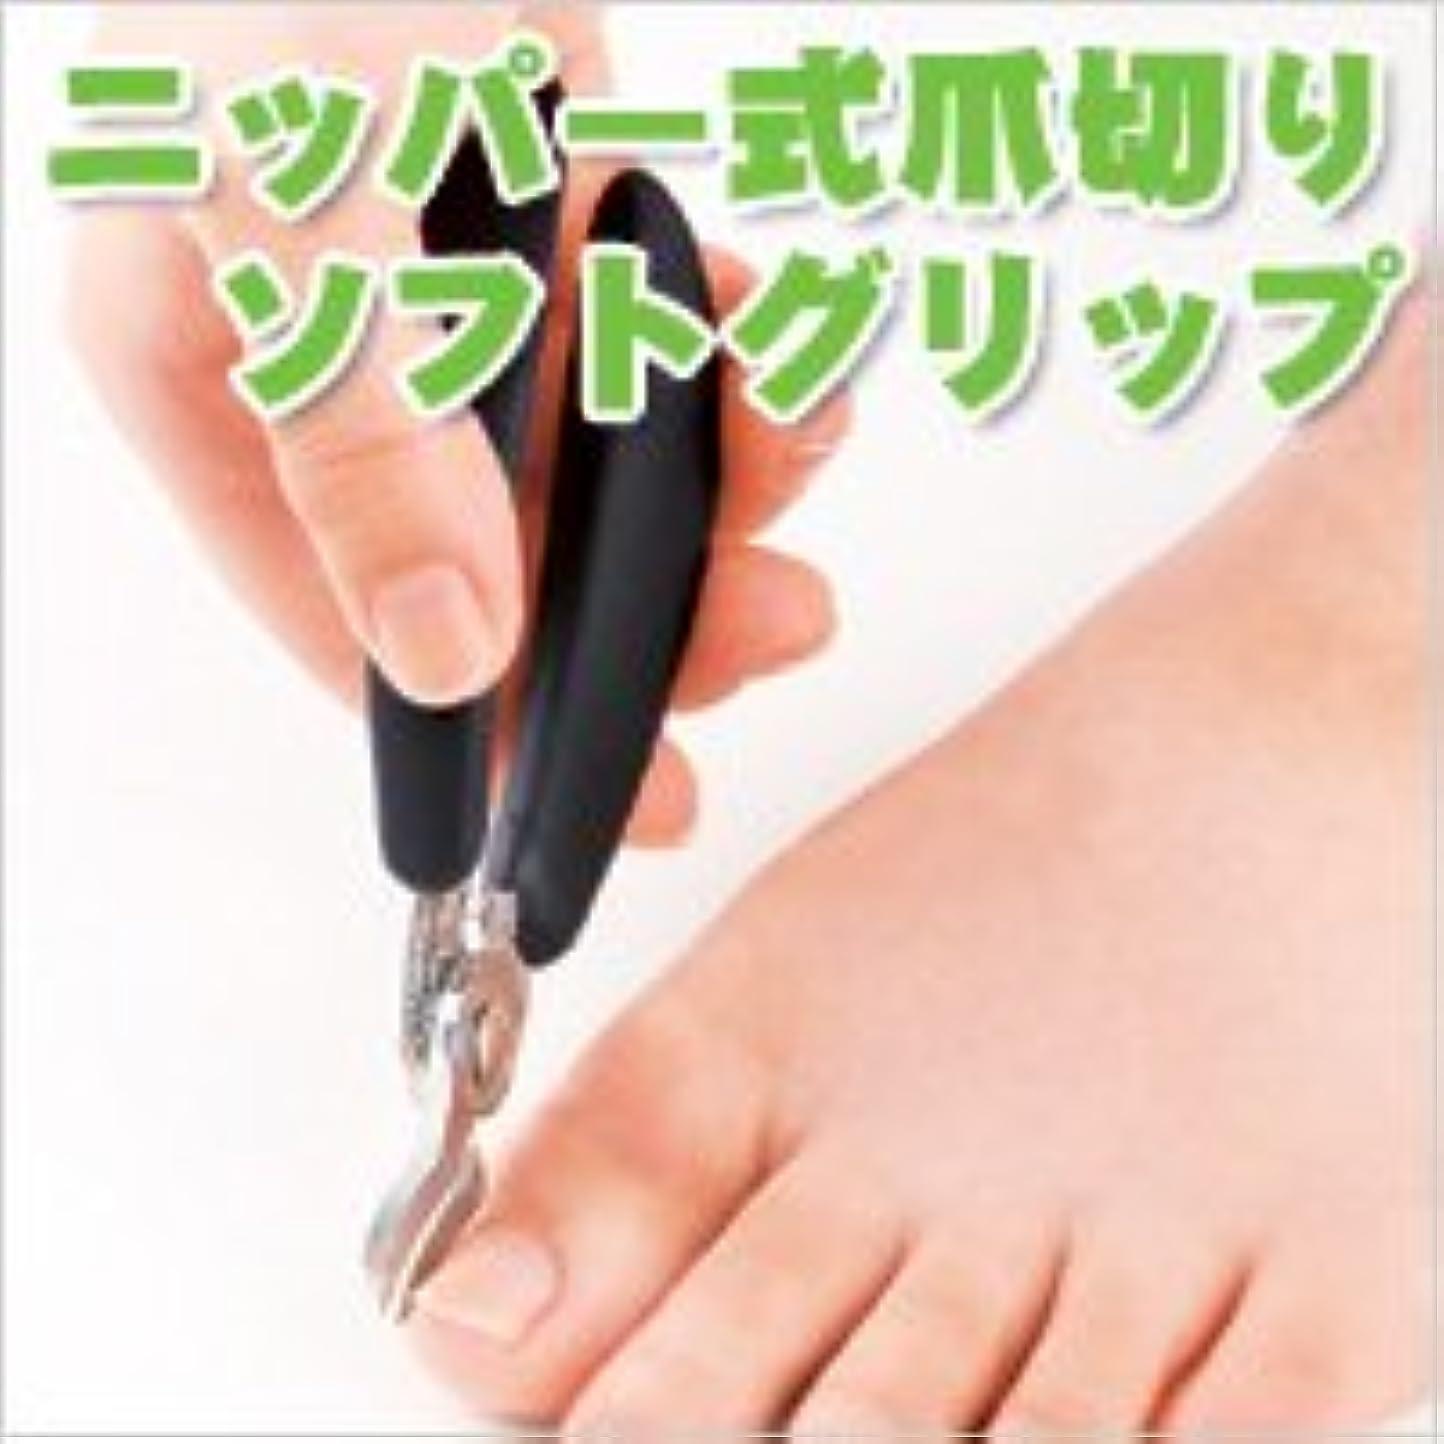 論争的軽減する常習者ニッパー式爪切りソフトグリップ